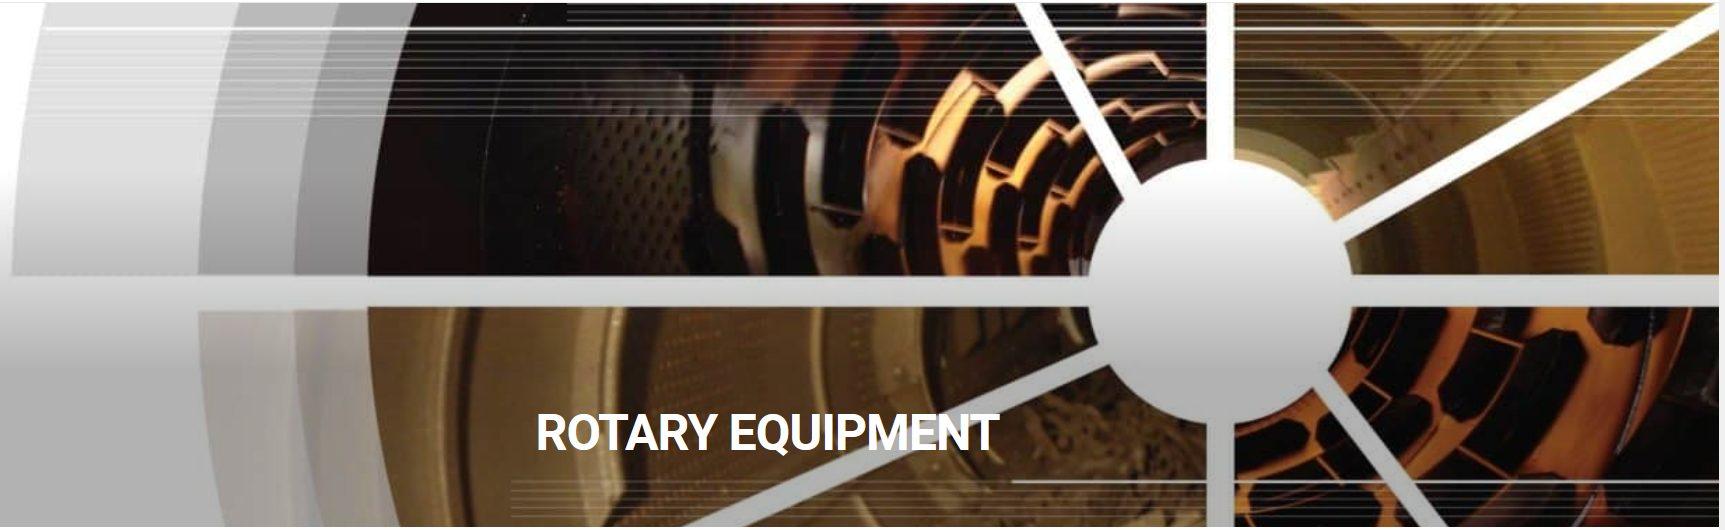 rotary equipment